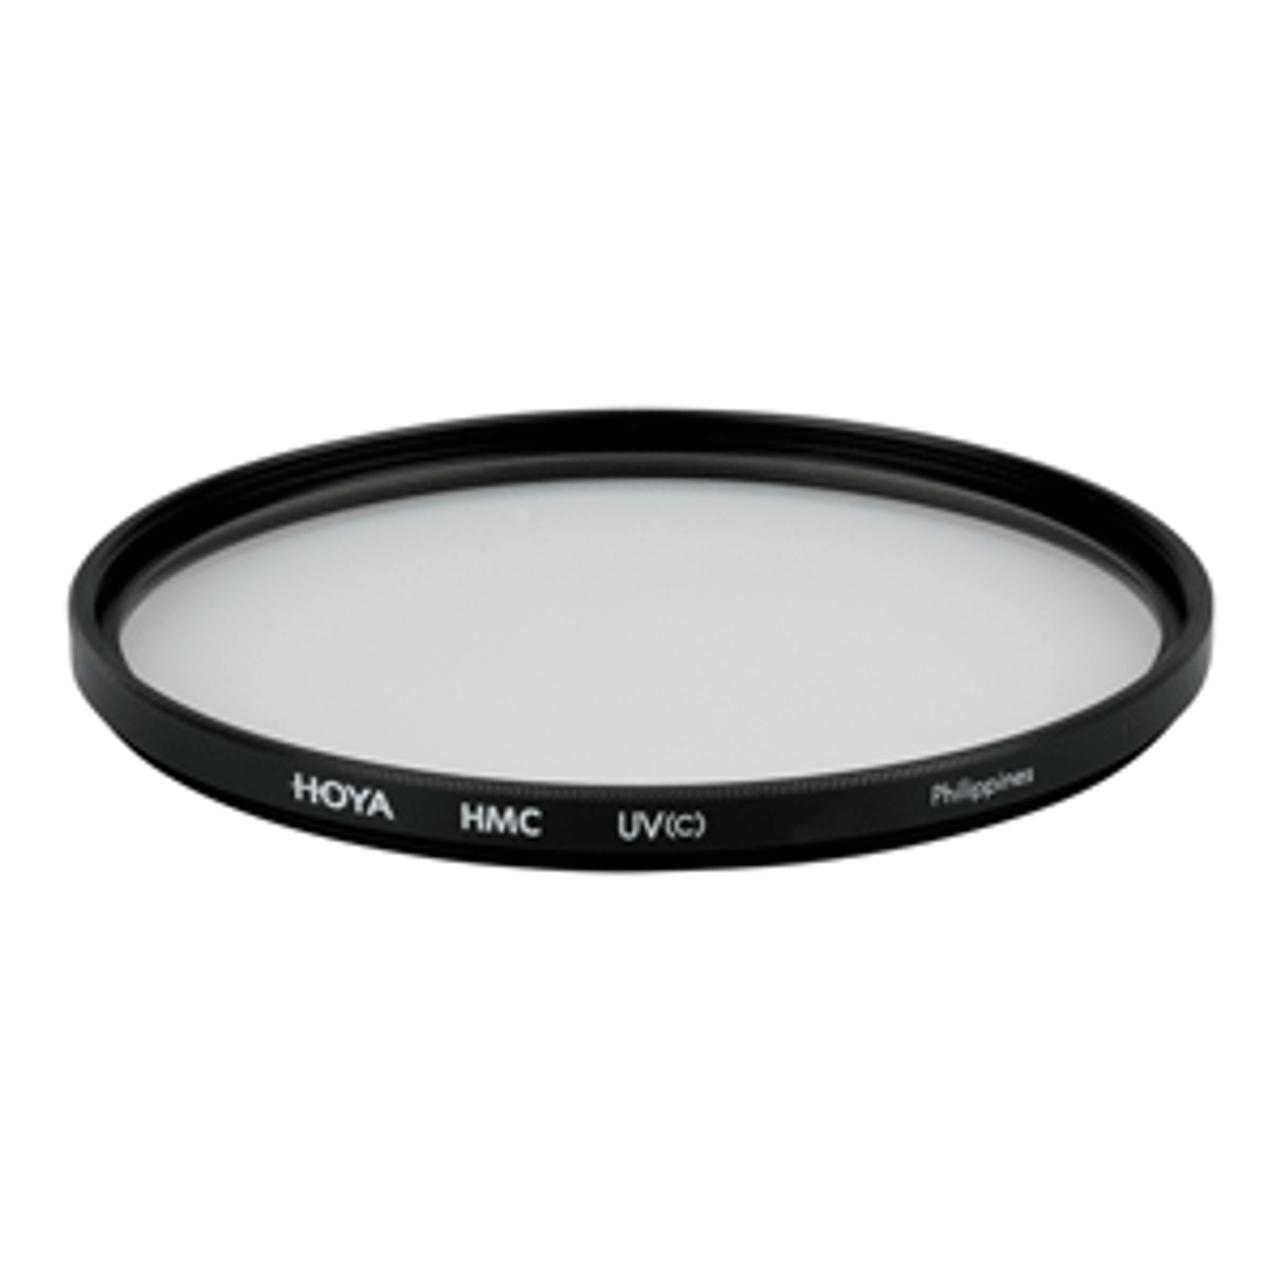 Hoya 40.5mm UV(C) HMC Filter